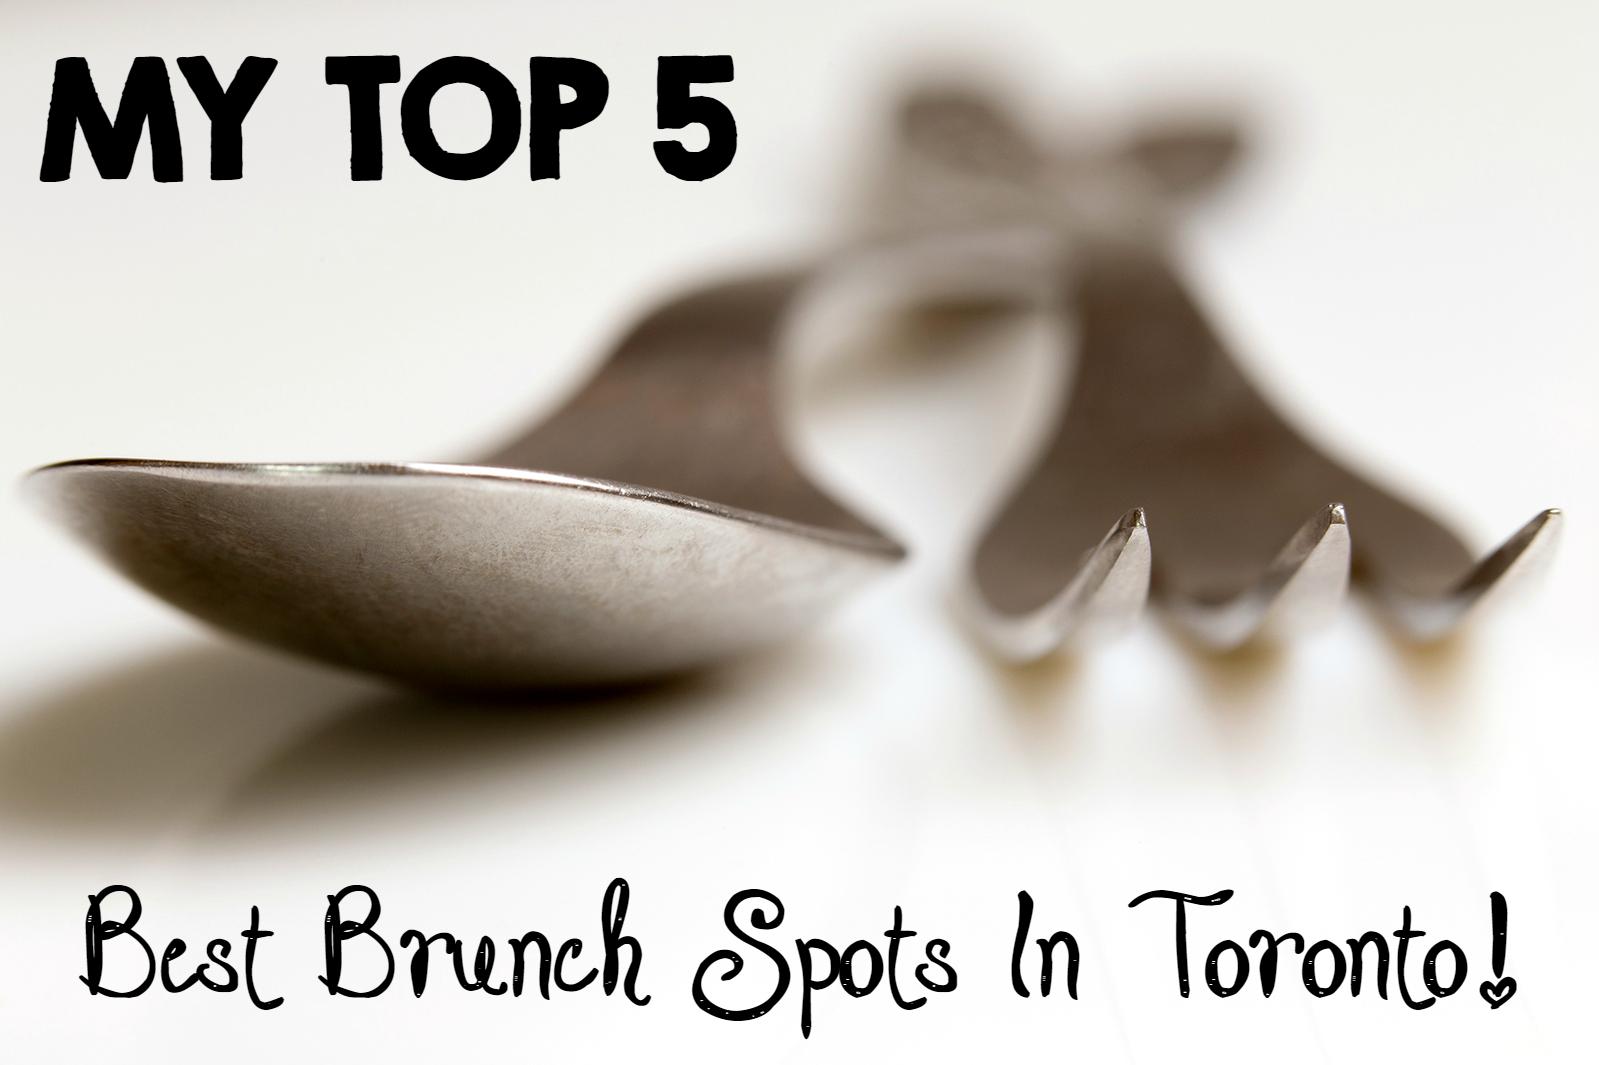 Best Brunch Spots In Toronto